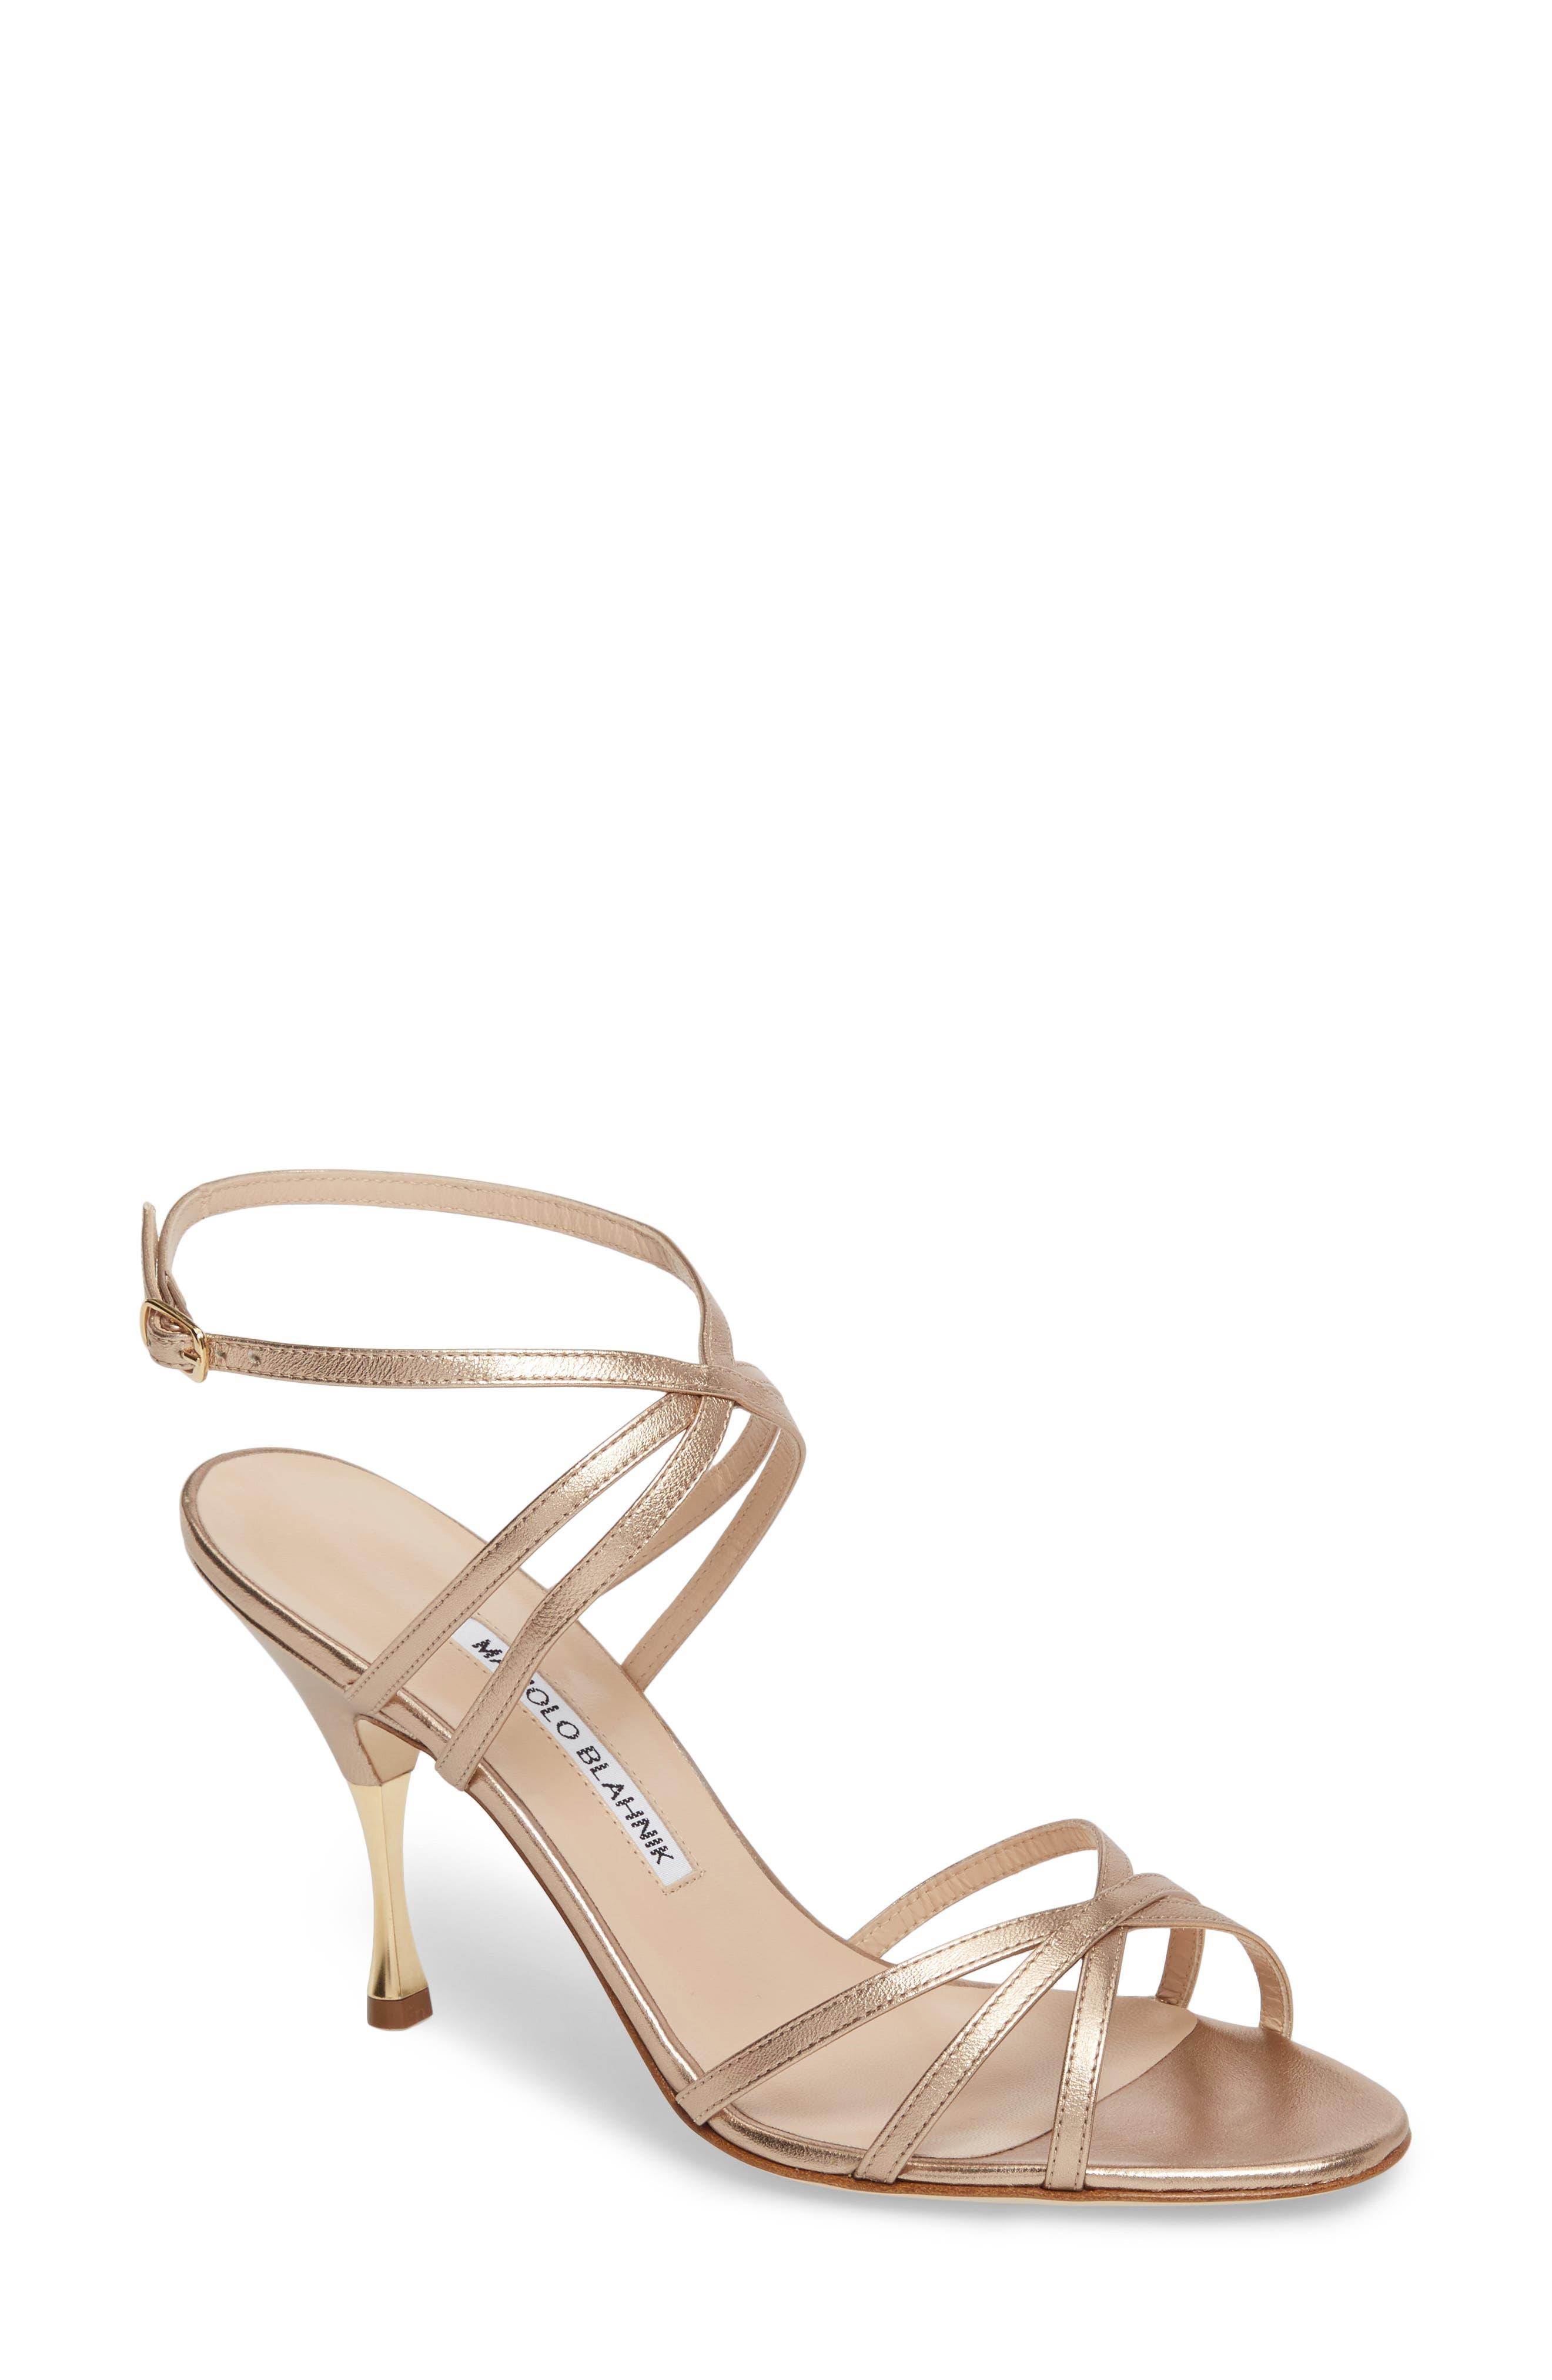 Manolo Blahnik Naro Ankle Strap Sandal (Women)